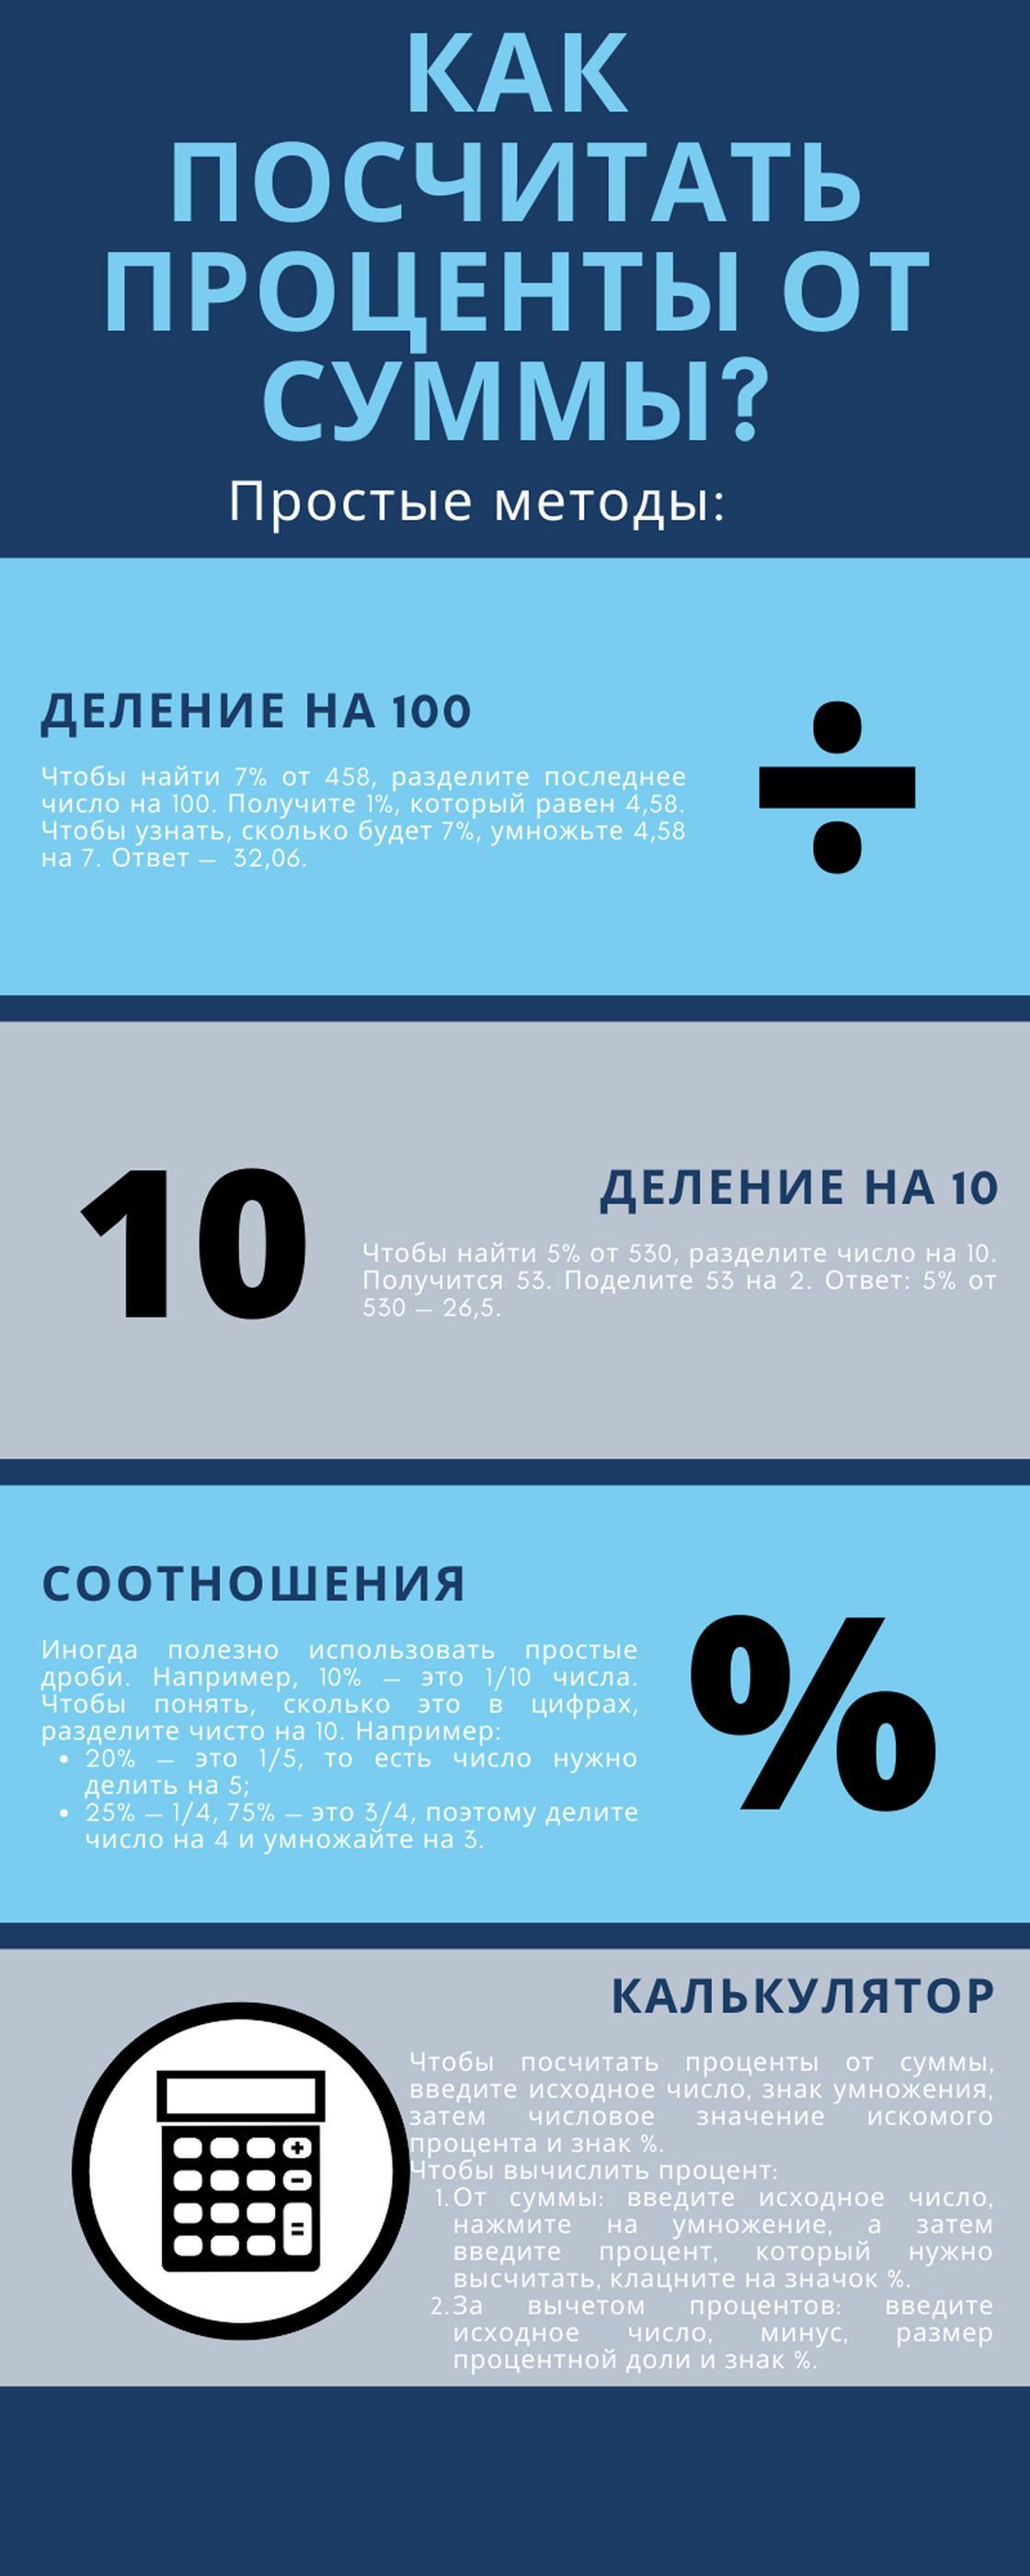 Как посчитать проценты от суммы: простые способы